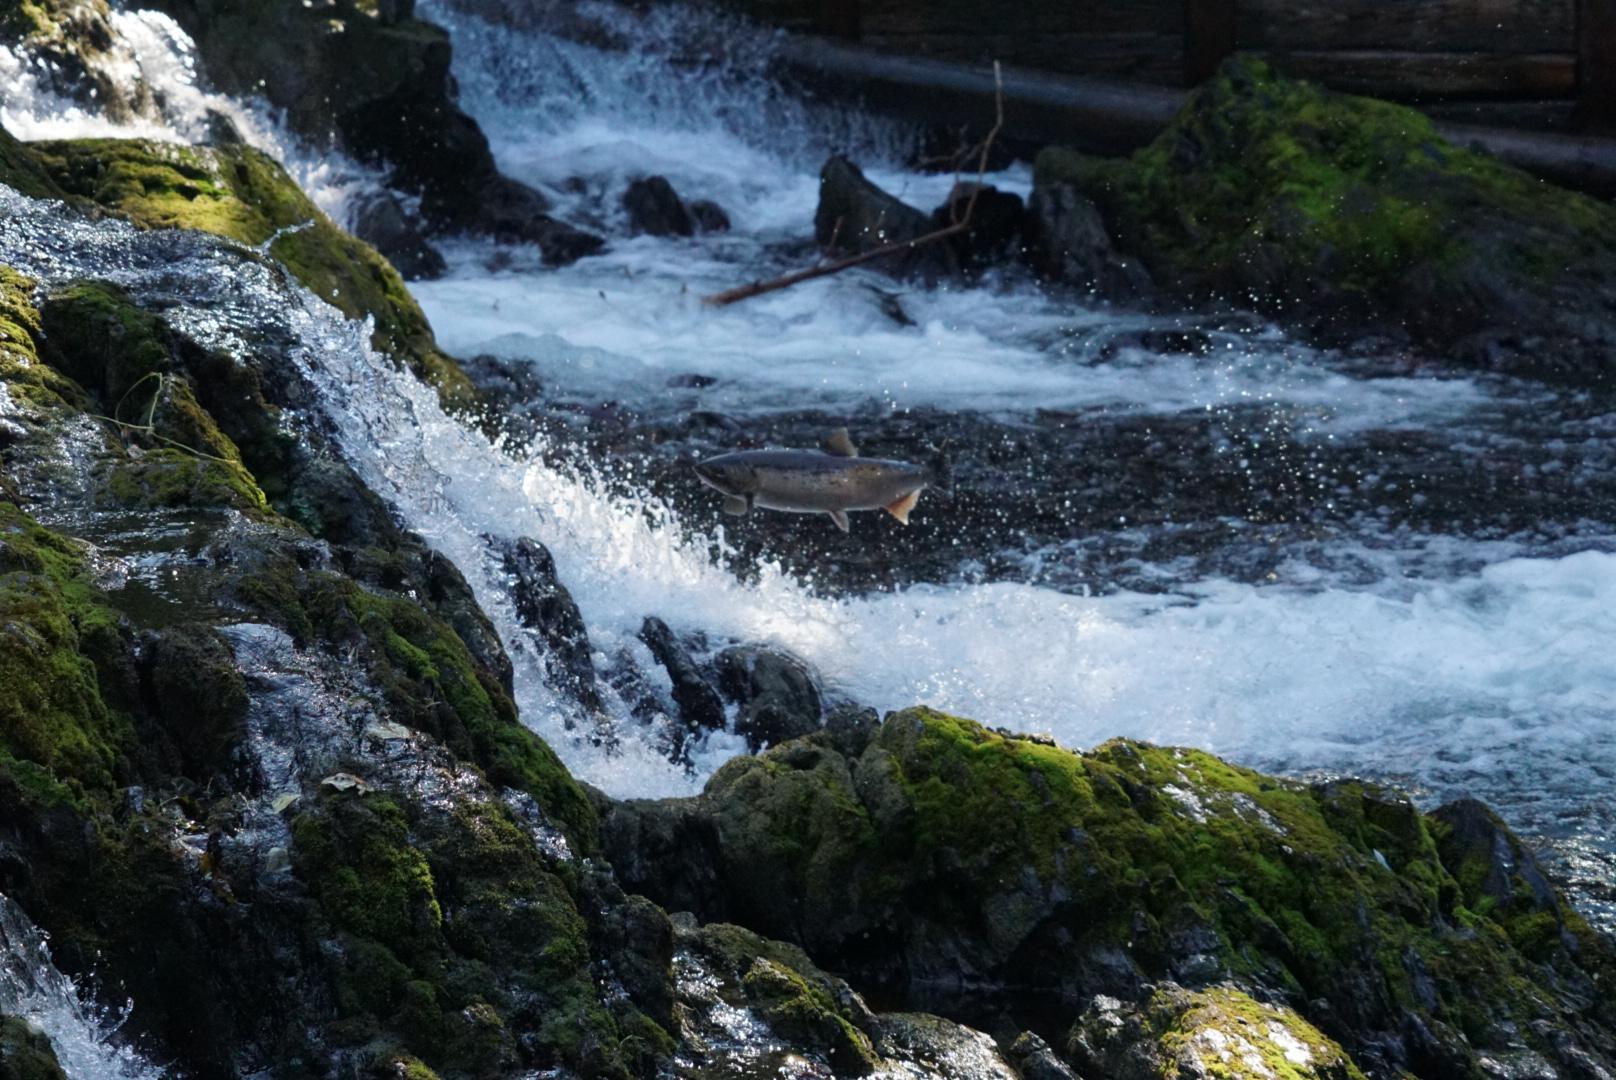 Salmone che risale la corrente, Alaska